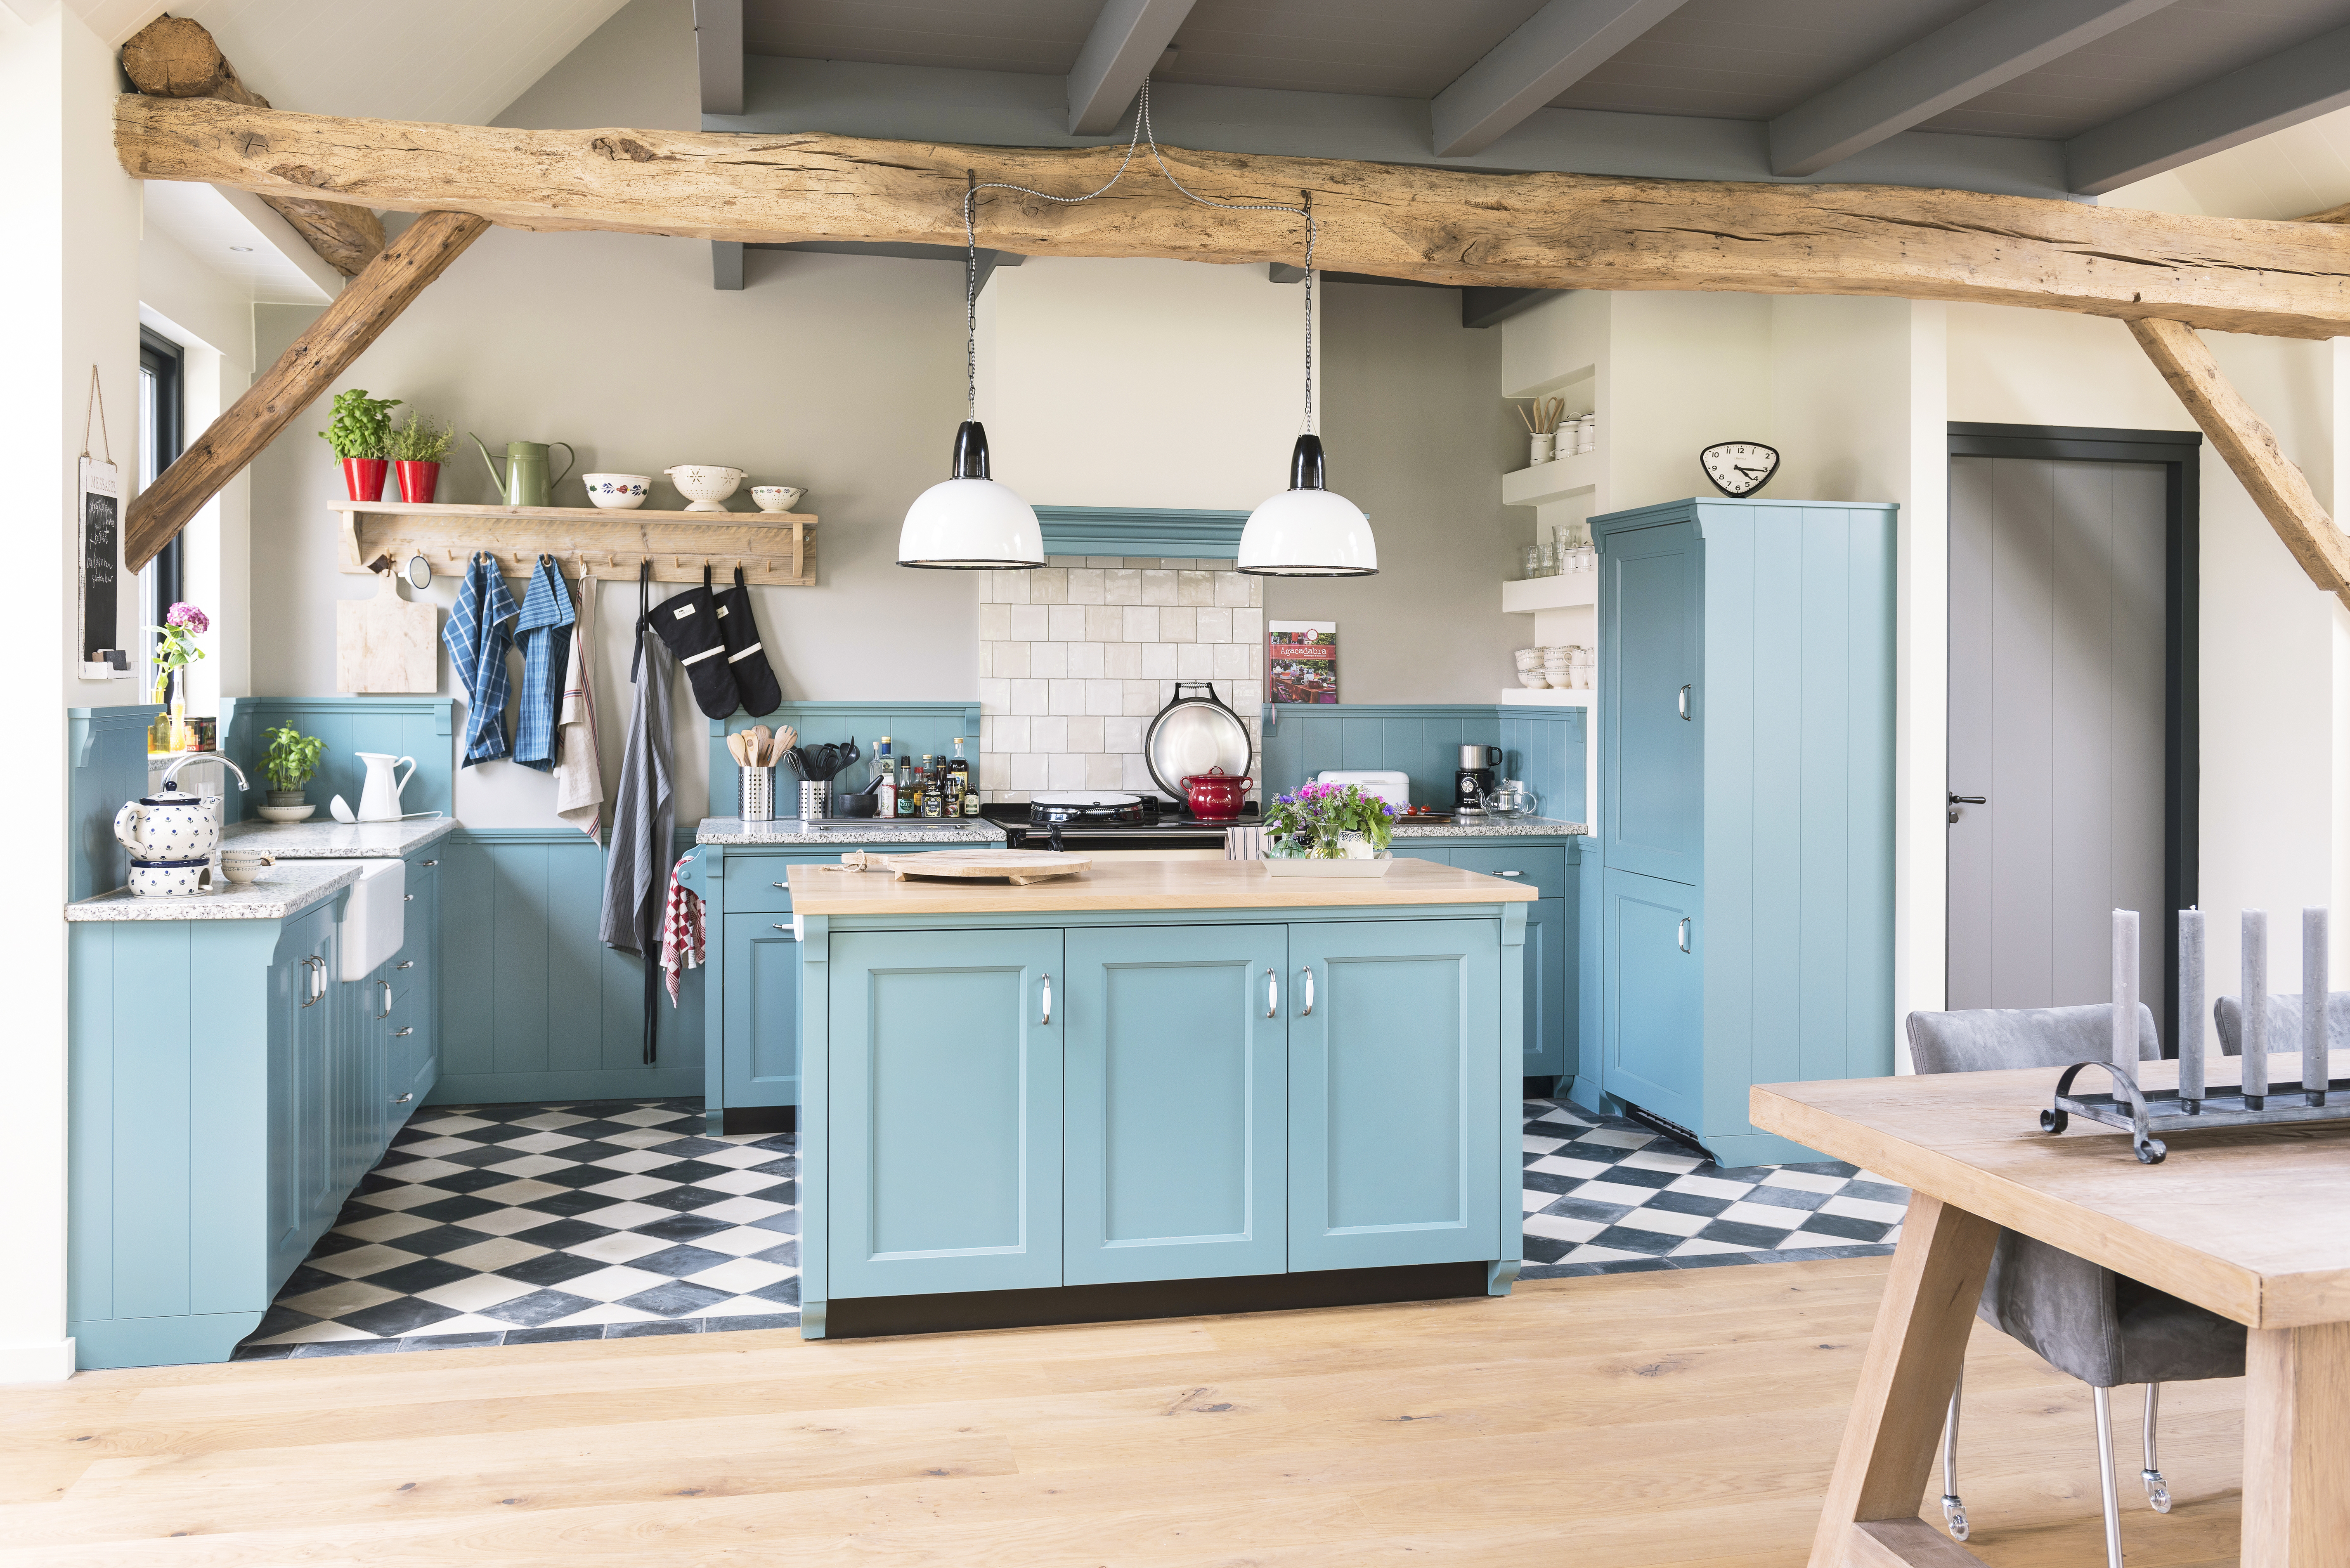 Beige Landelijk Keuken : Unieke landelijke keukens gedetailleerd maatwerk door zwiers